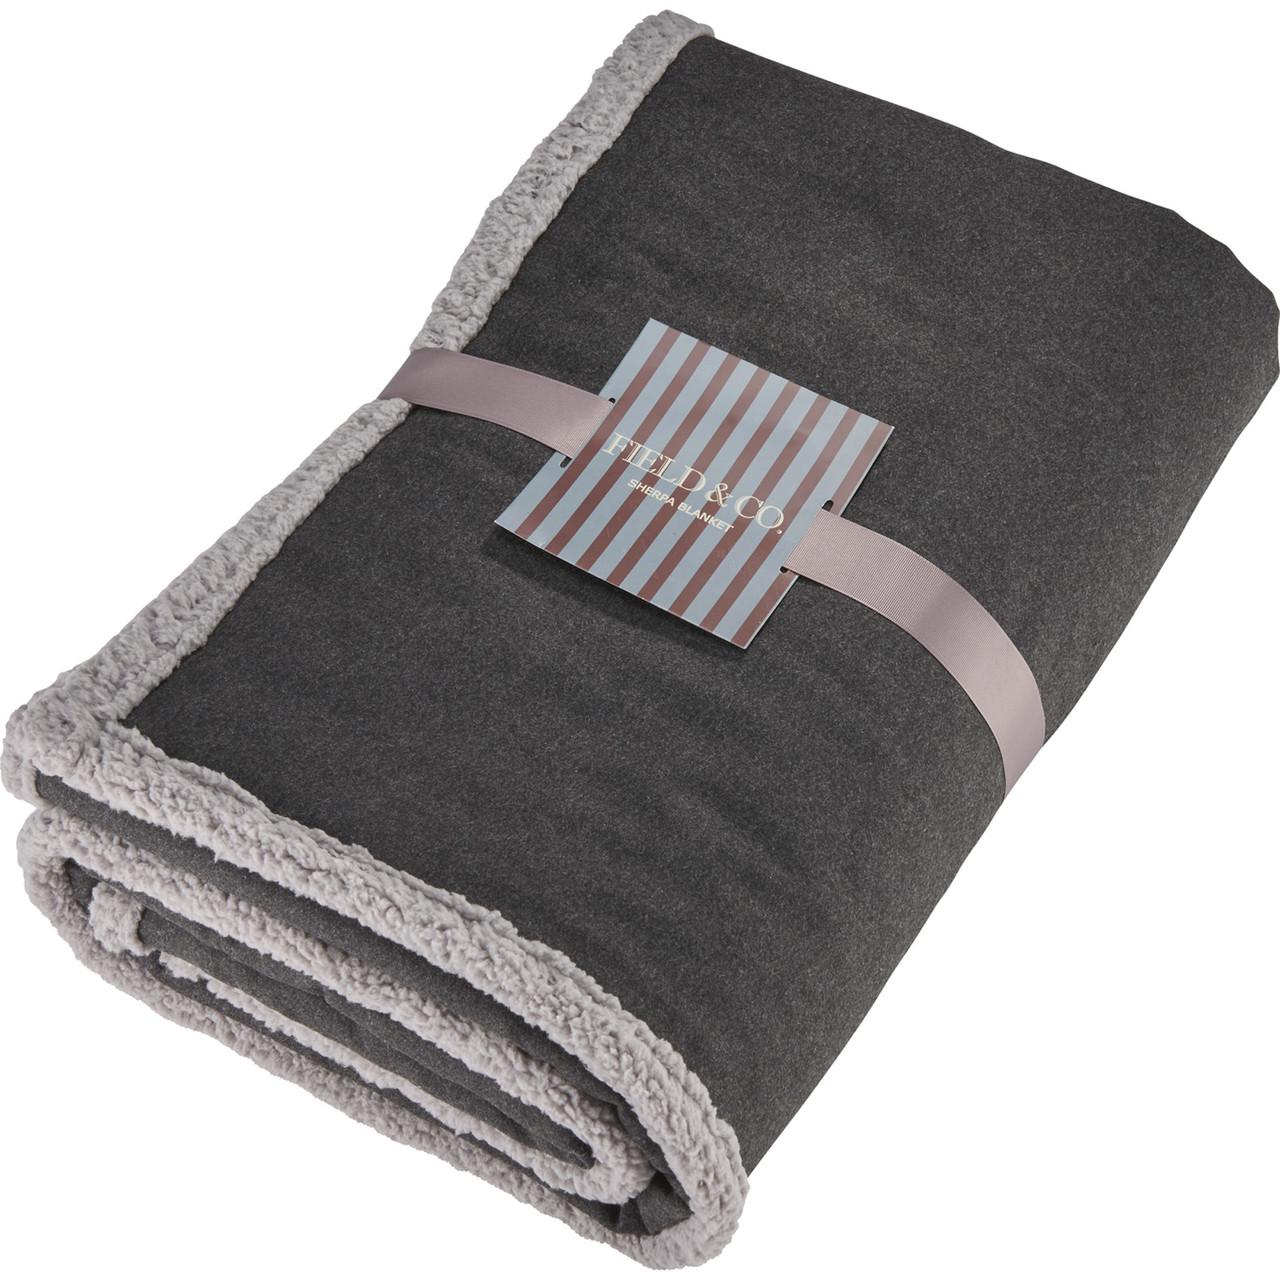 Field & Co. Oversized Wool Sherpa Blanket